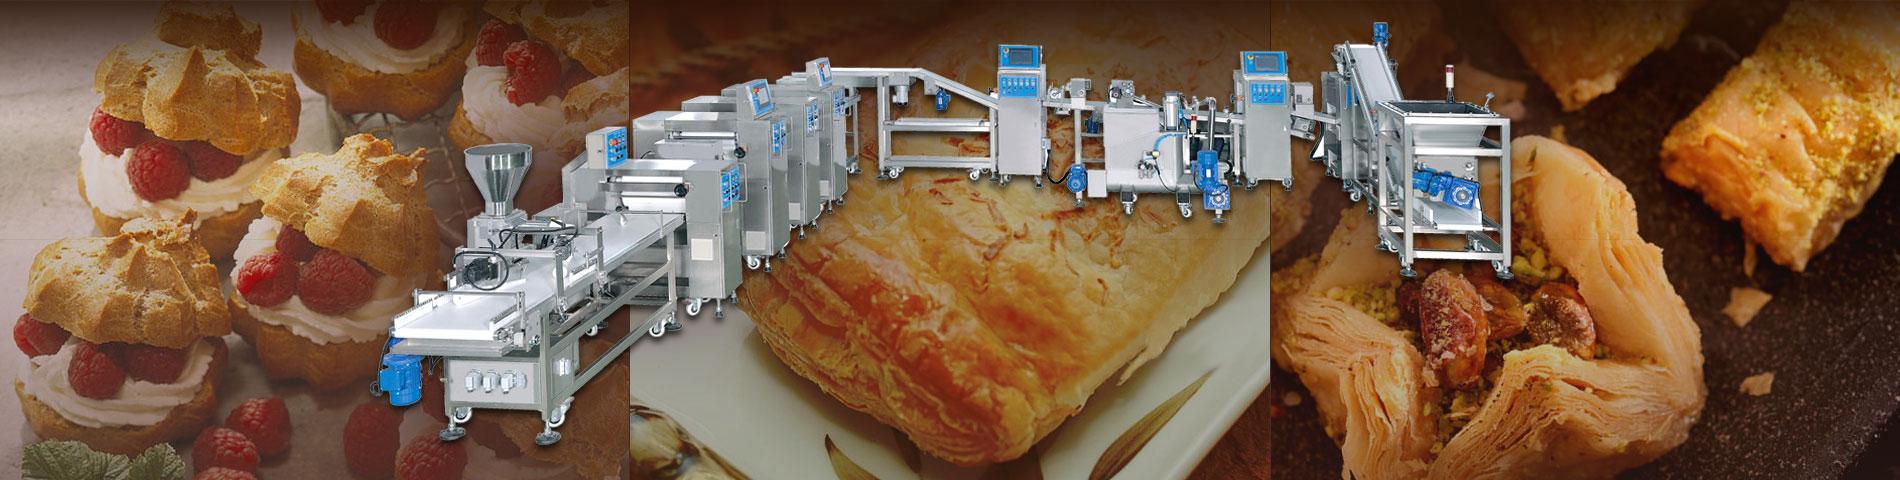 छिछोरा आदमी TY3000L पेस्ट्री मशीन